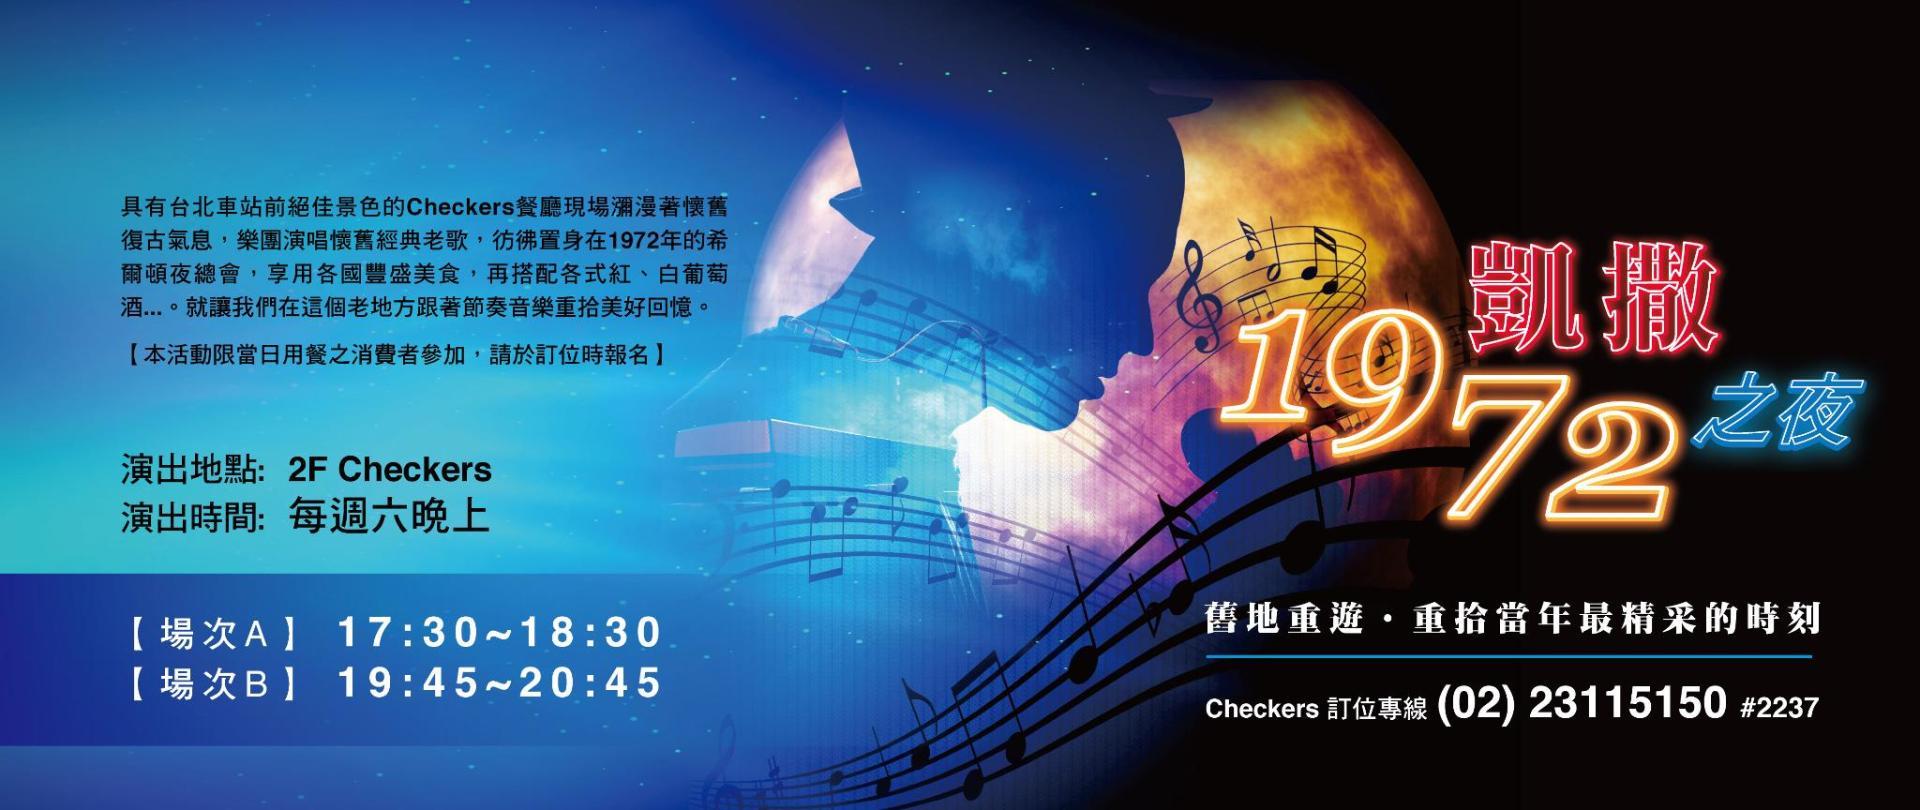 2020凱撒之夜-第二波-官網Slide-Show4000X1688.jpg